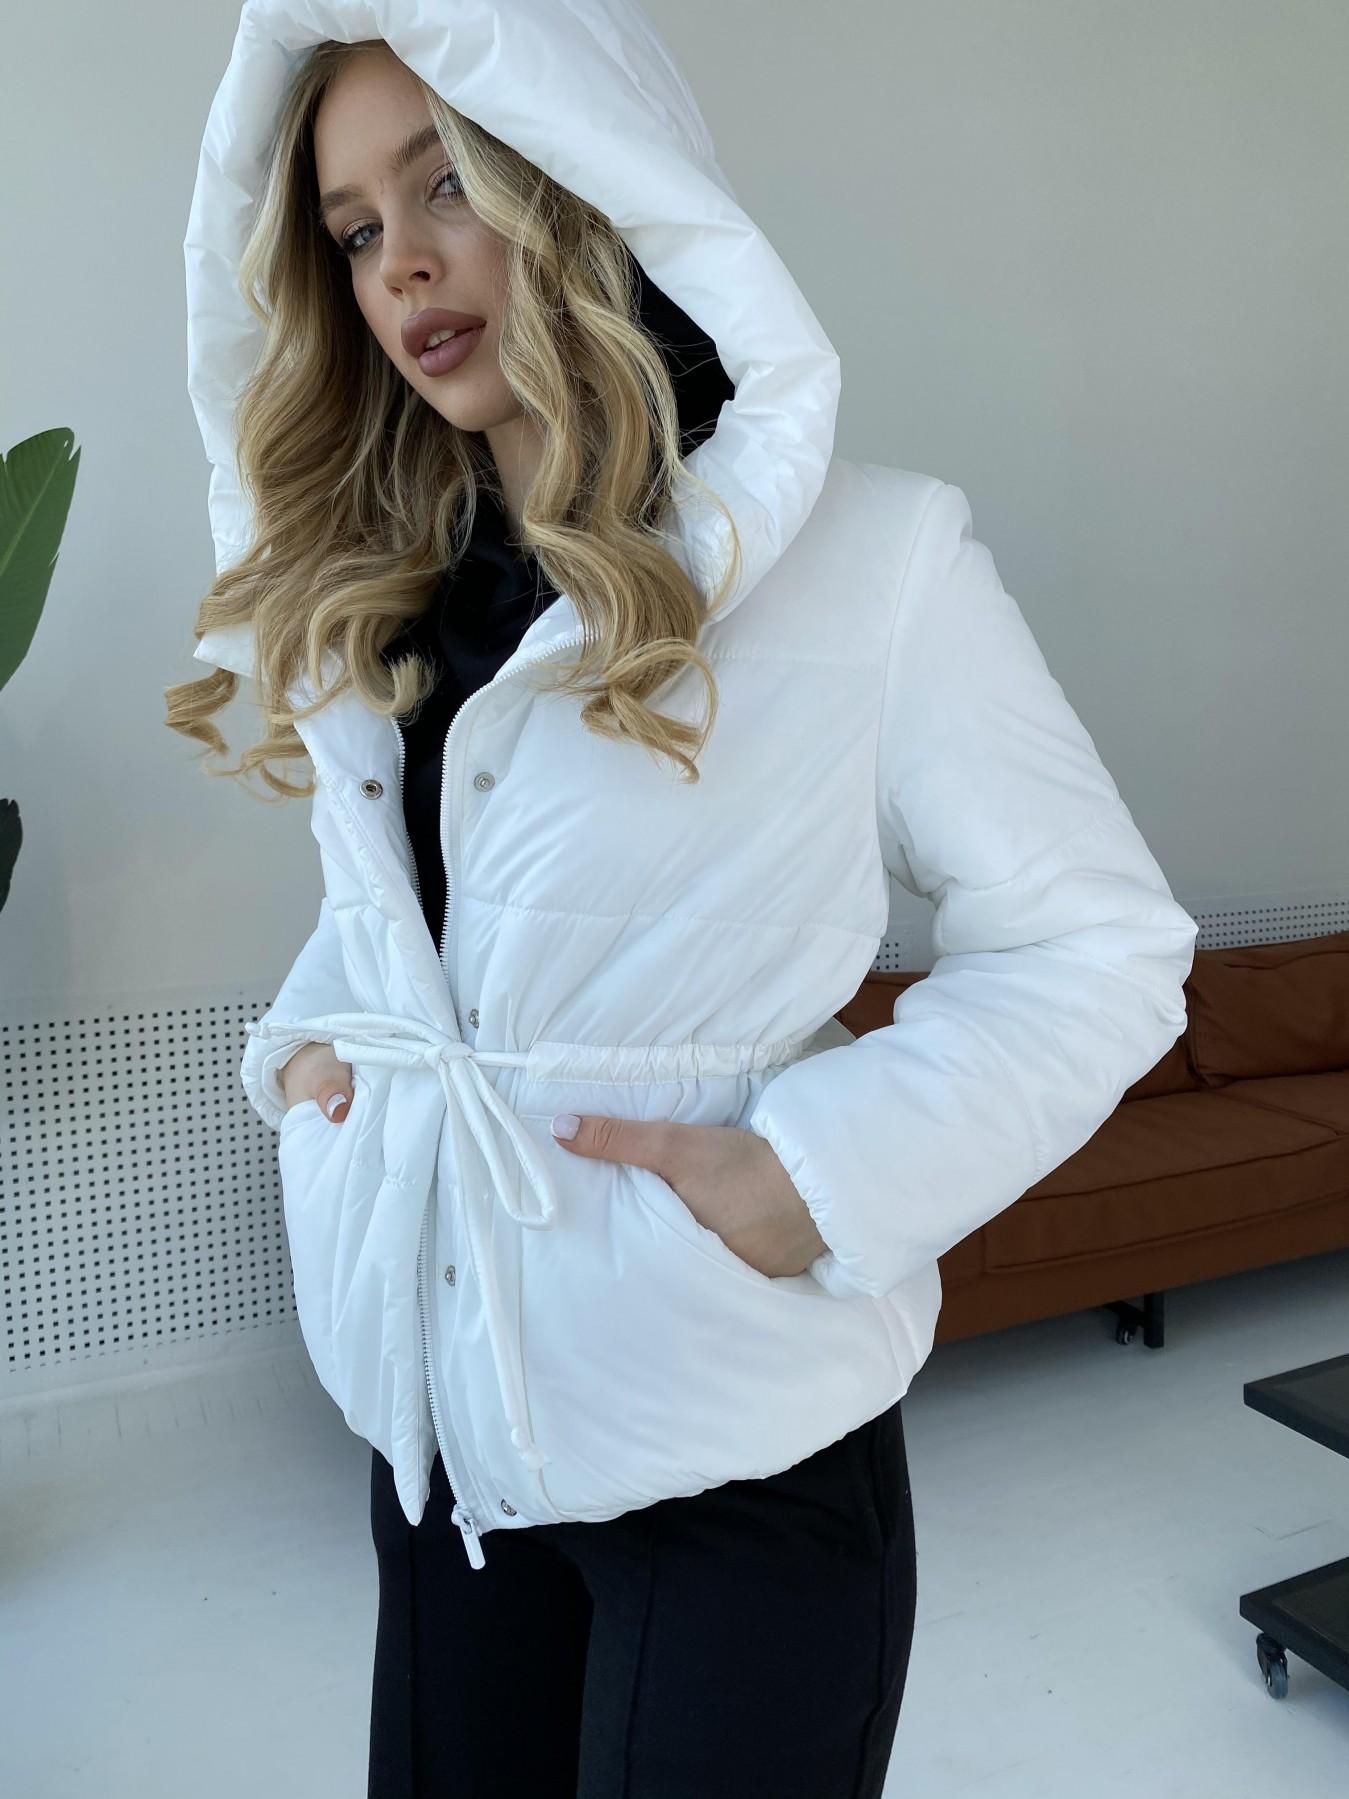 Пино куртка из плащевой ткани 10489 АРТ. 47297 Цвет: Белый - фото 3, интернет магазин tm-modus.ru